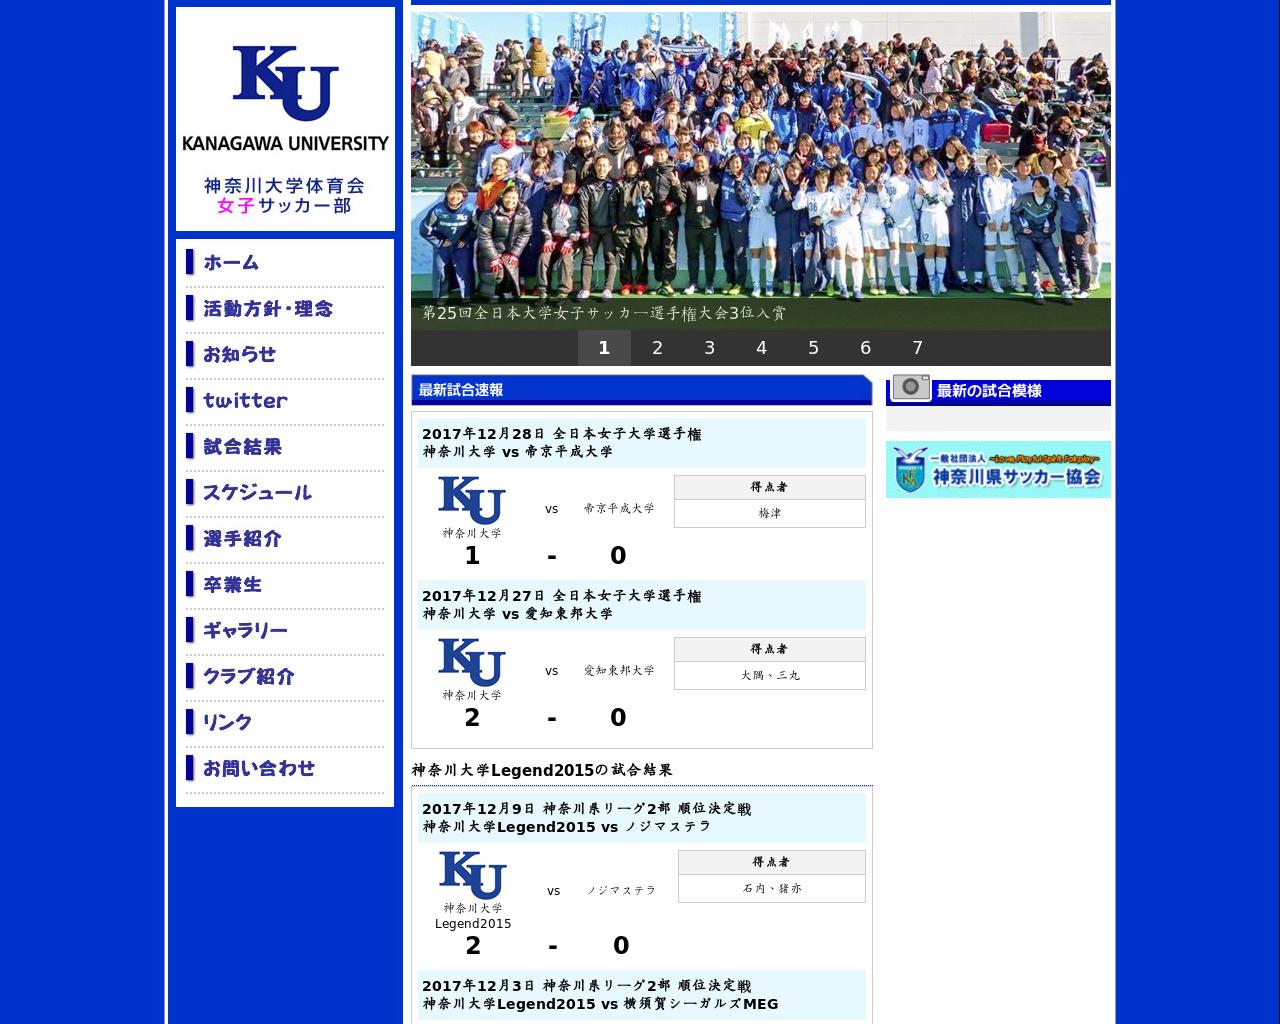 ku-wsc.jp(2018/01/03 17:00:41)